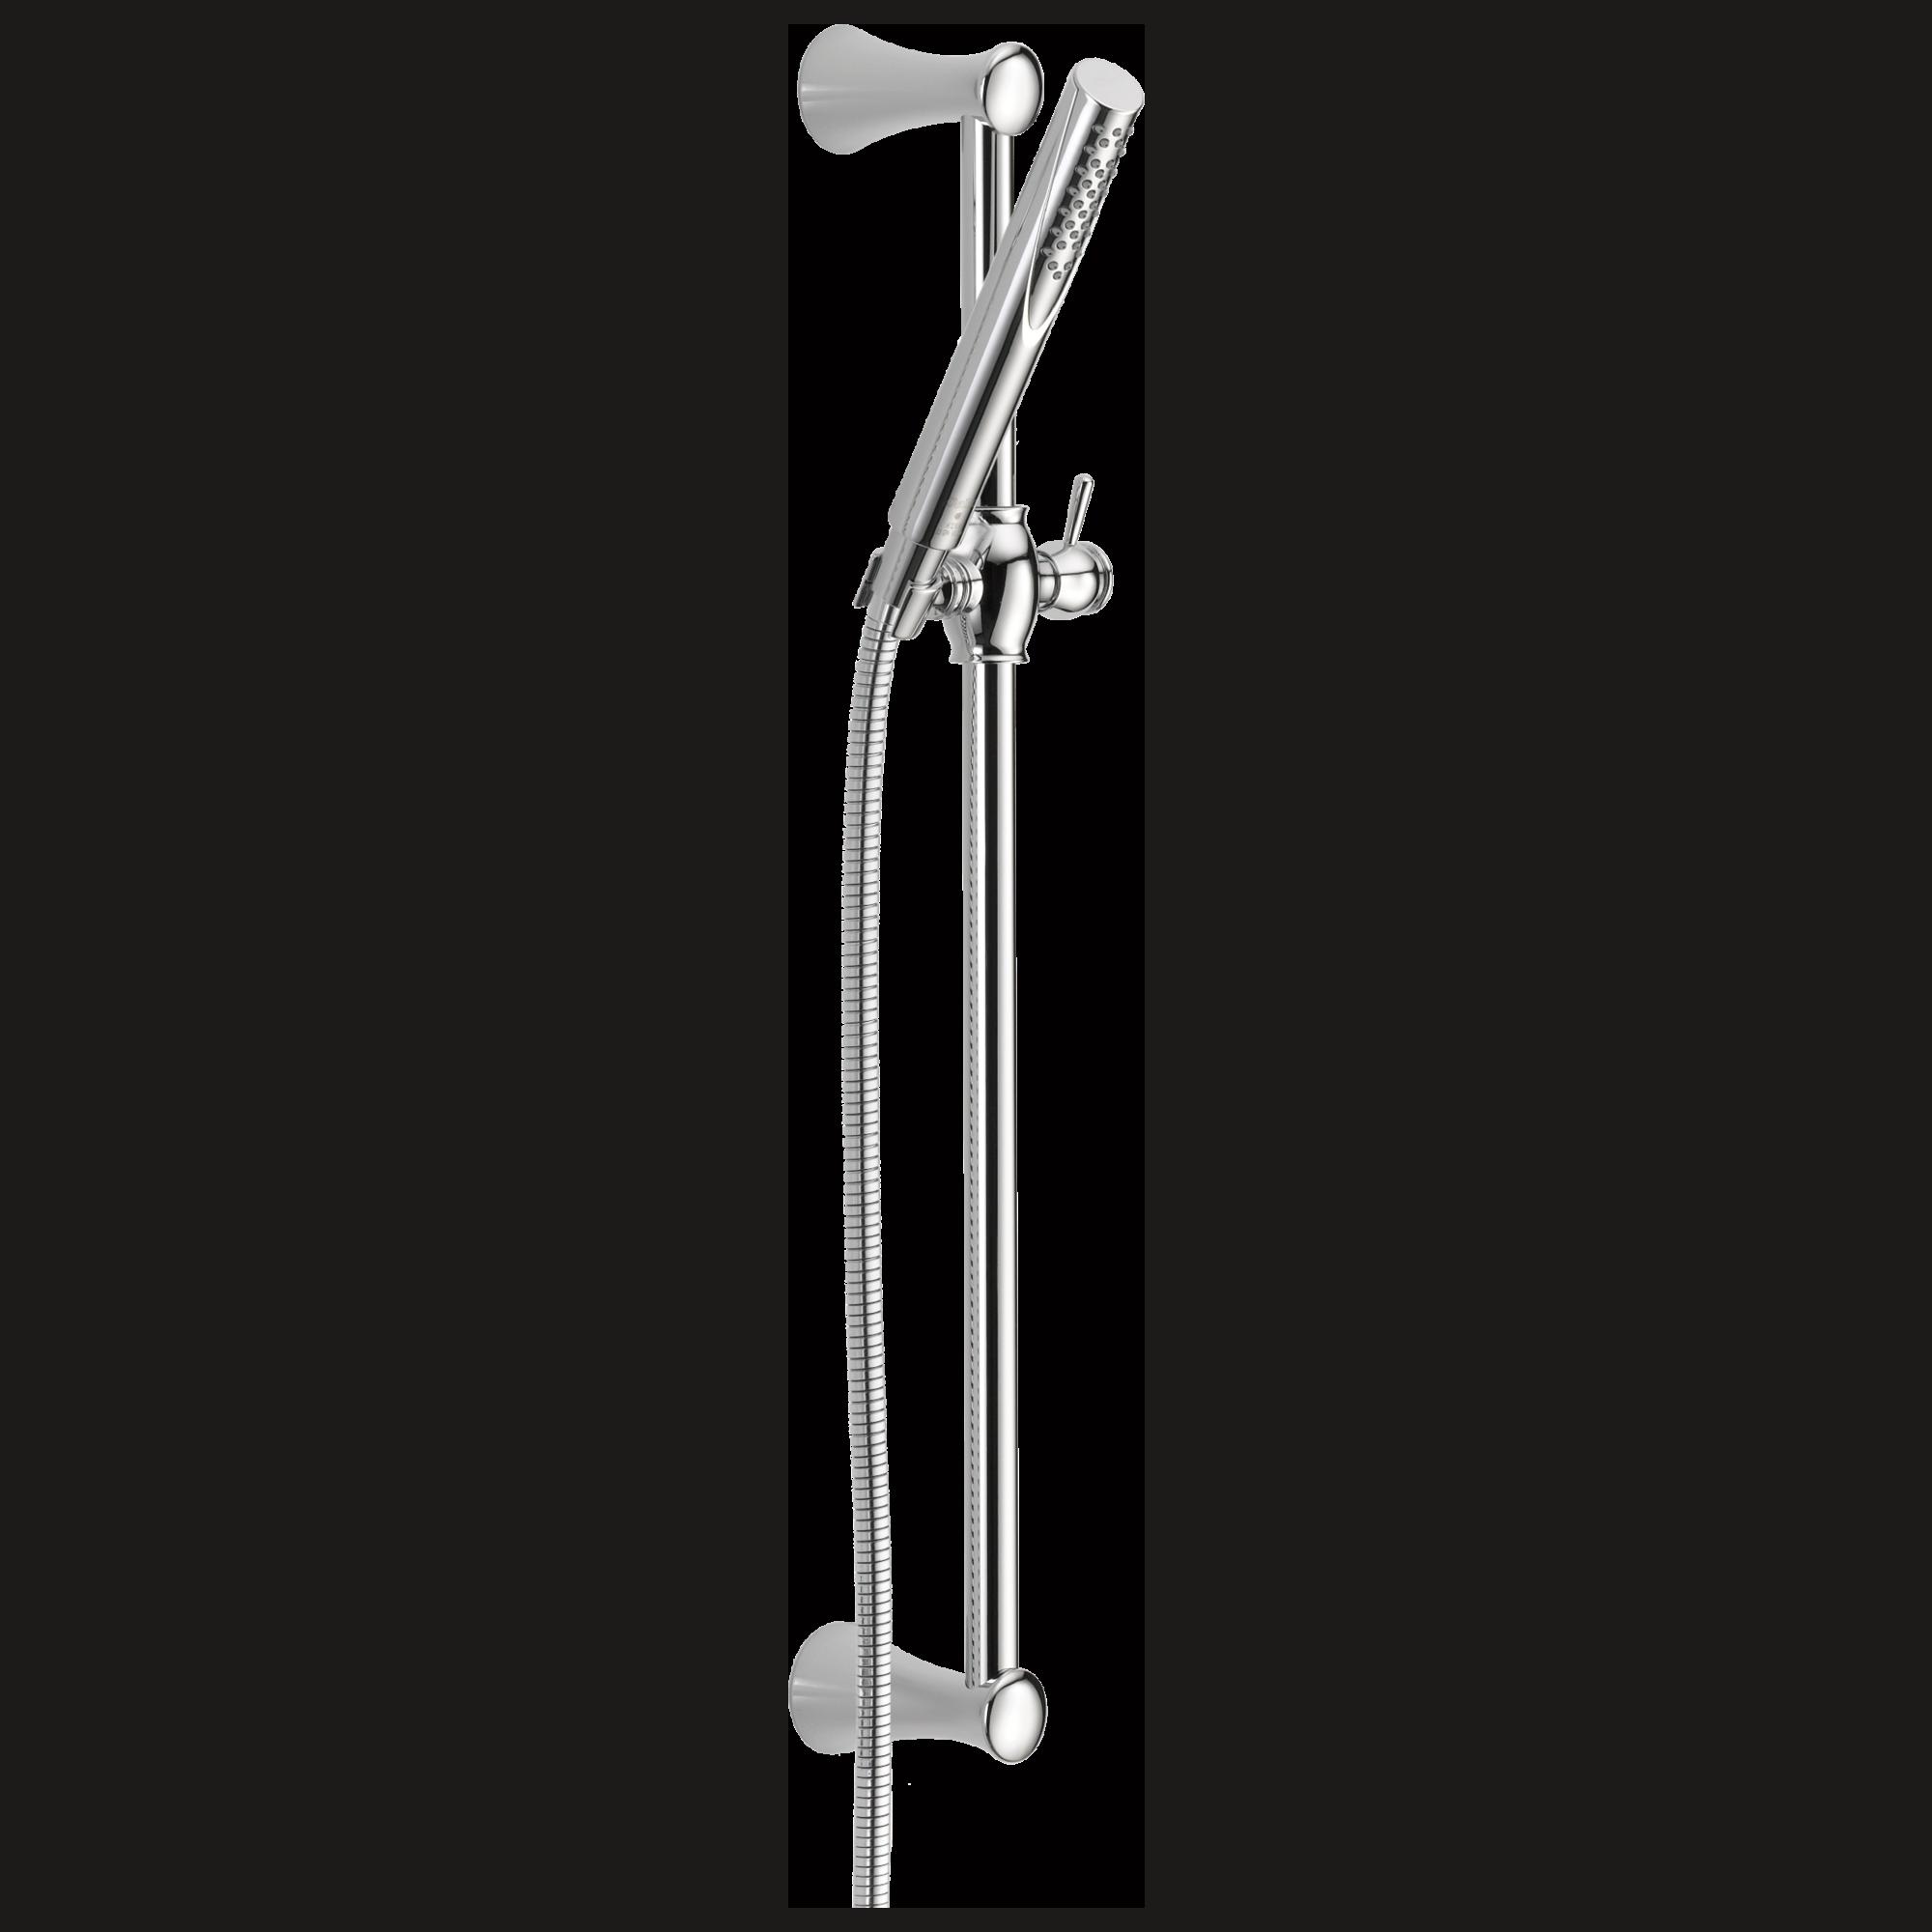 Delta 57085 Grail Premium Single-Setting Slide Bar Hand Shower